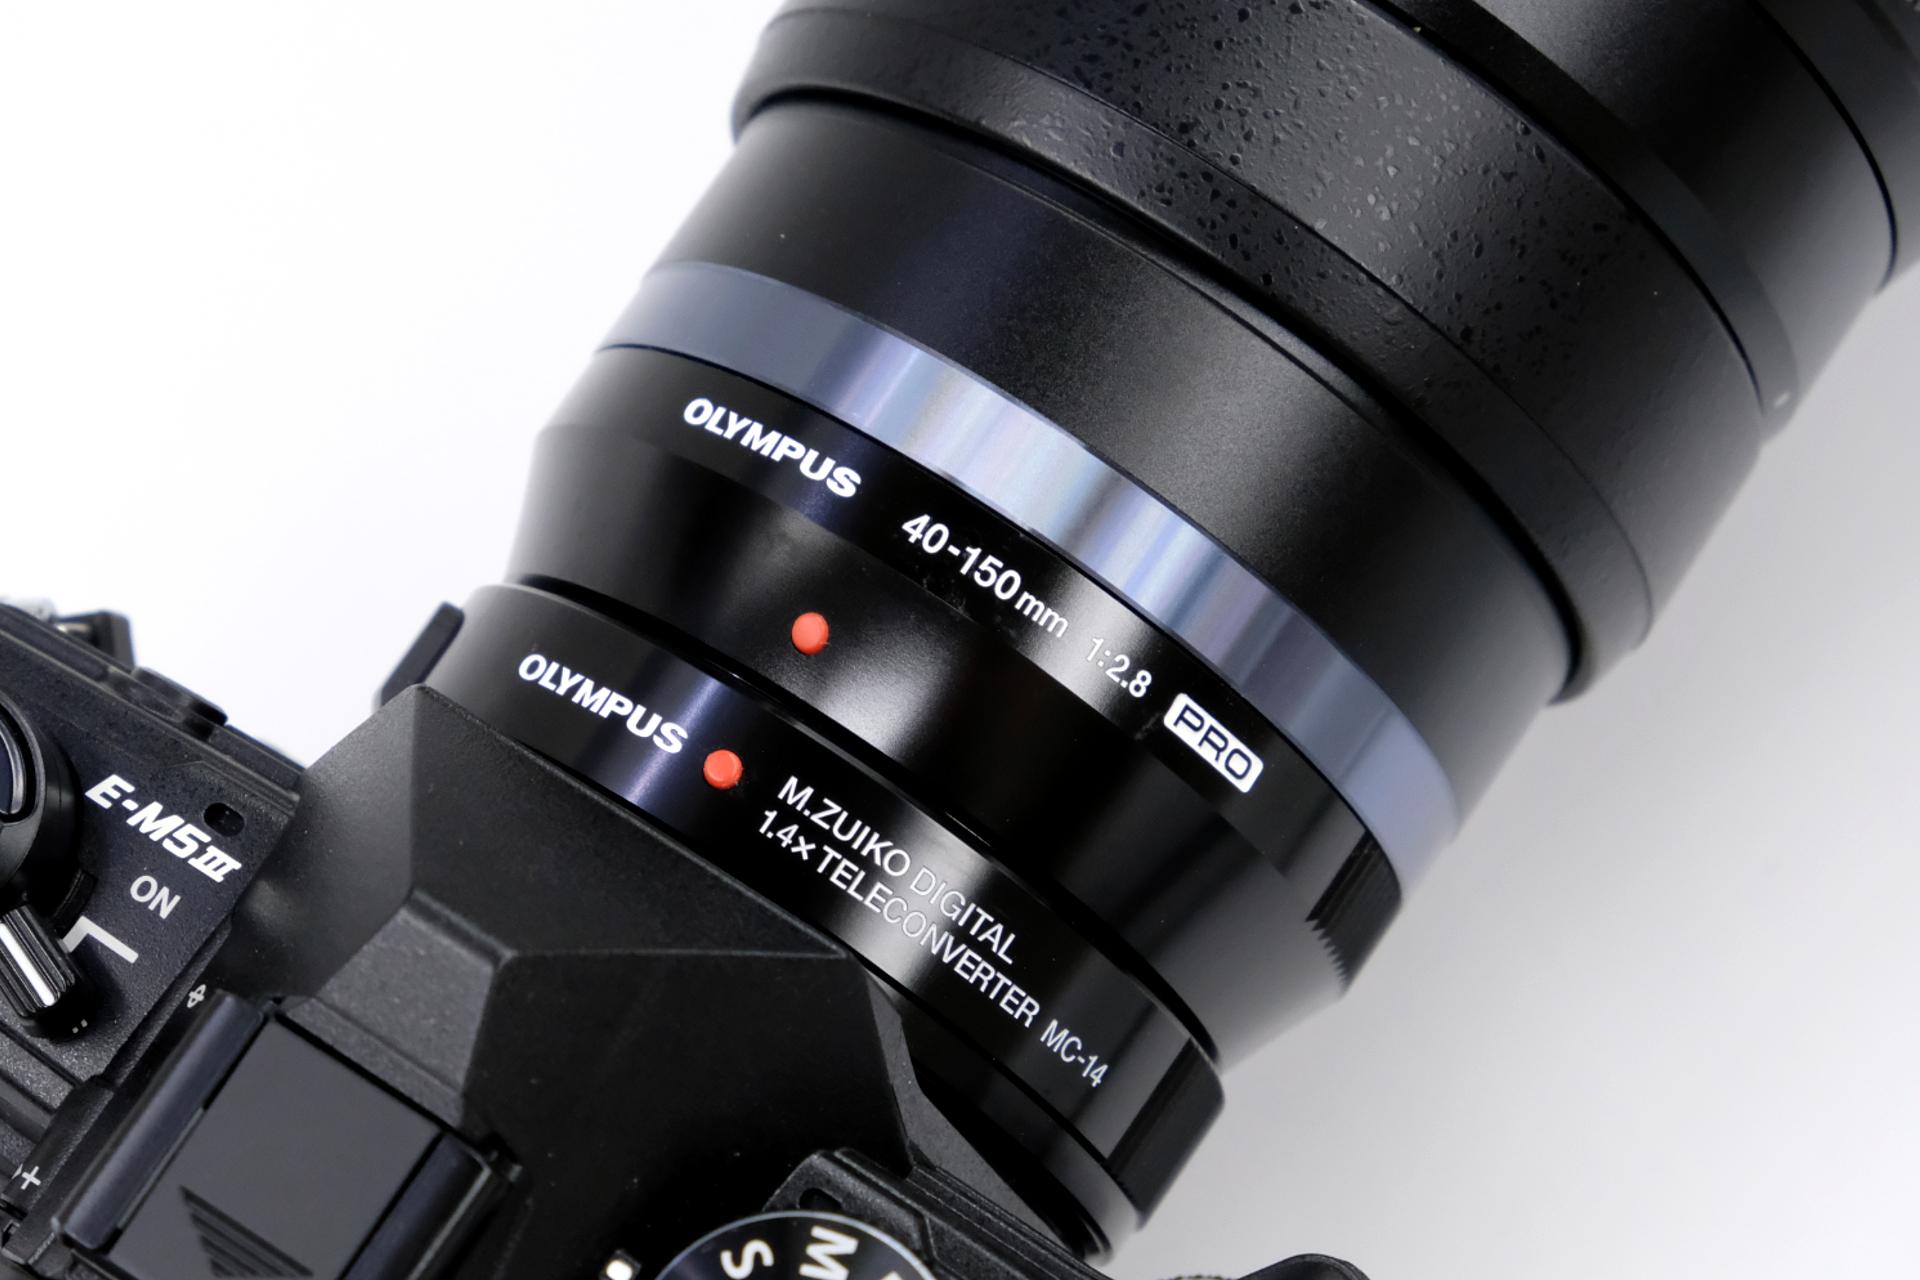 【好機到来】その名も M.ZUIKO DIGITAL ED 40-150mm F2.8 PROテレコンバーターキット